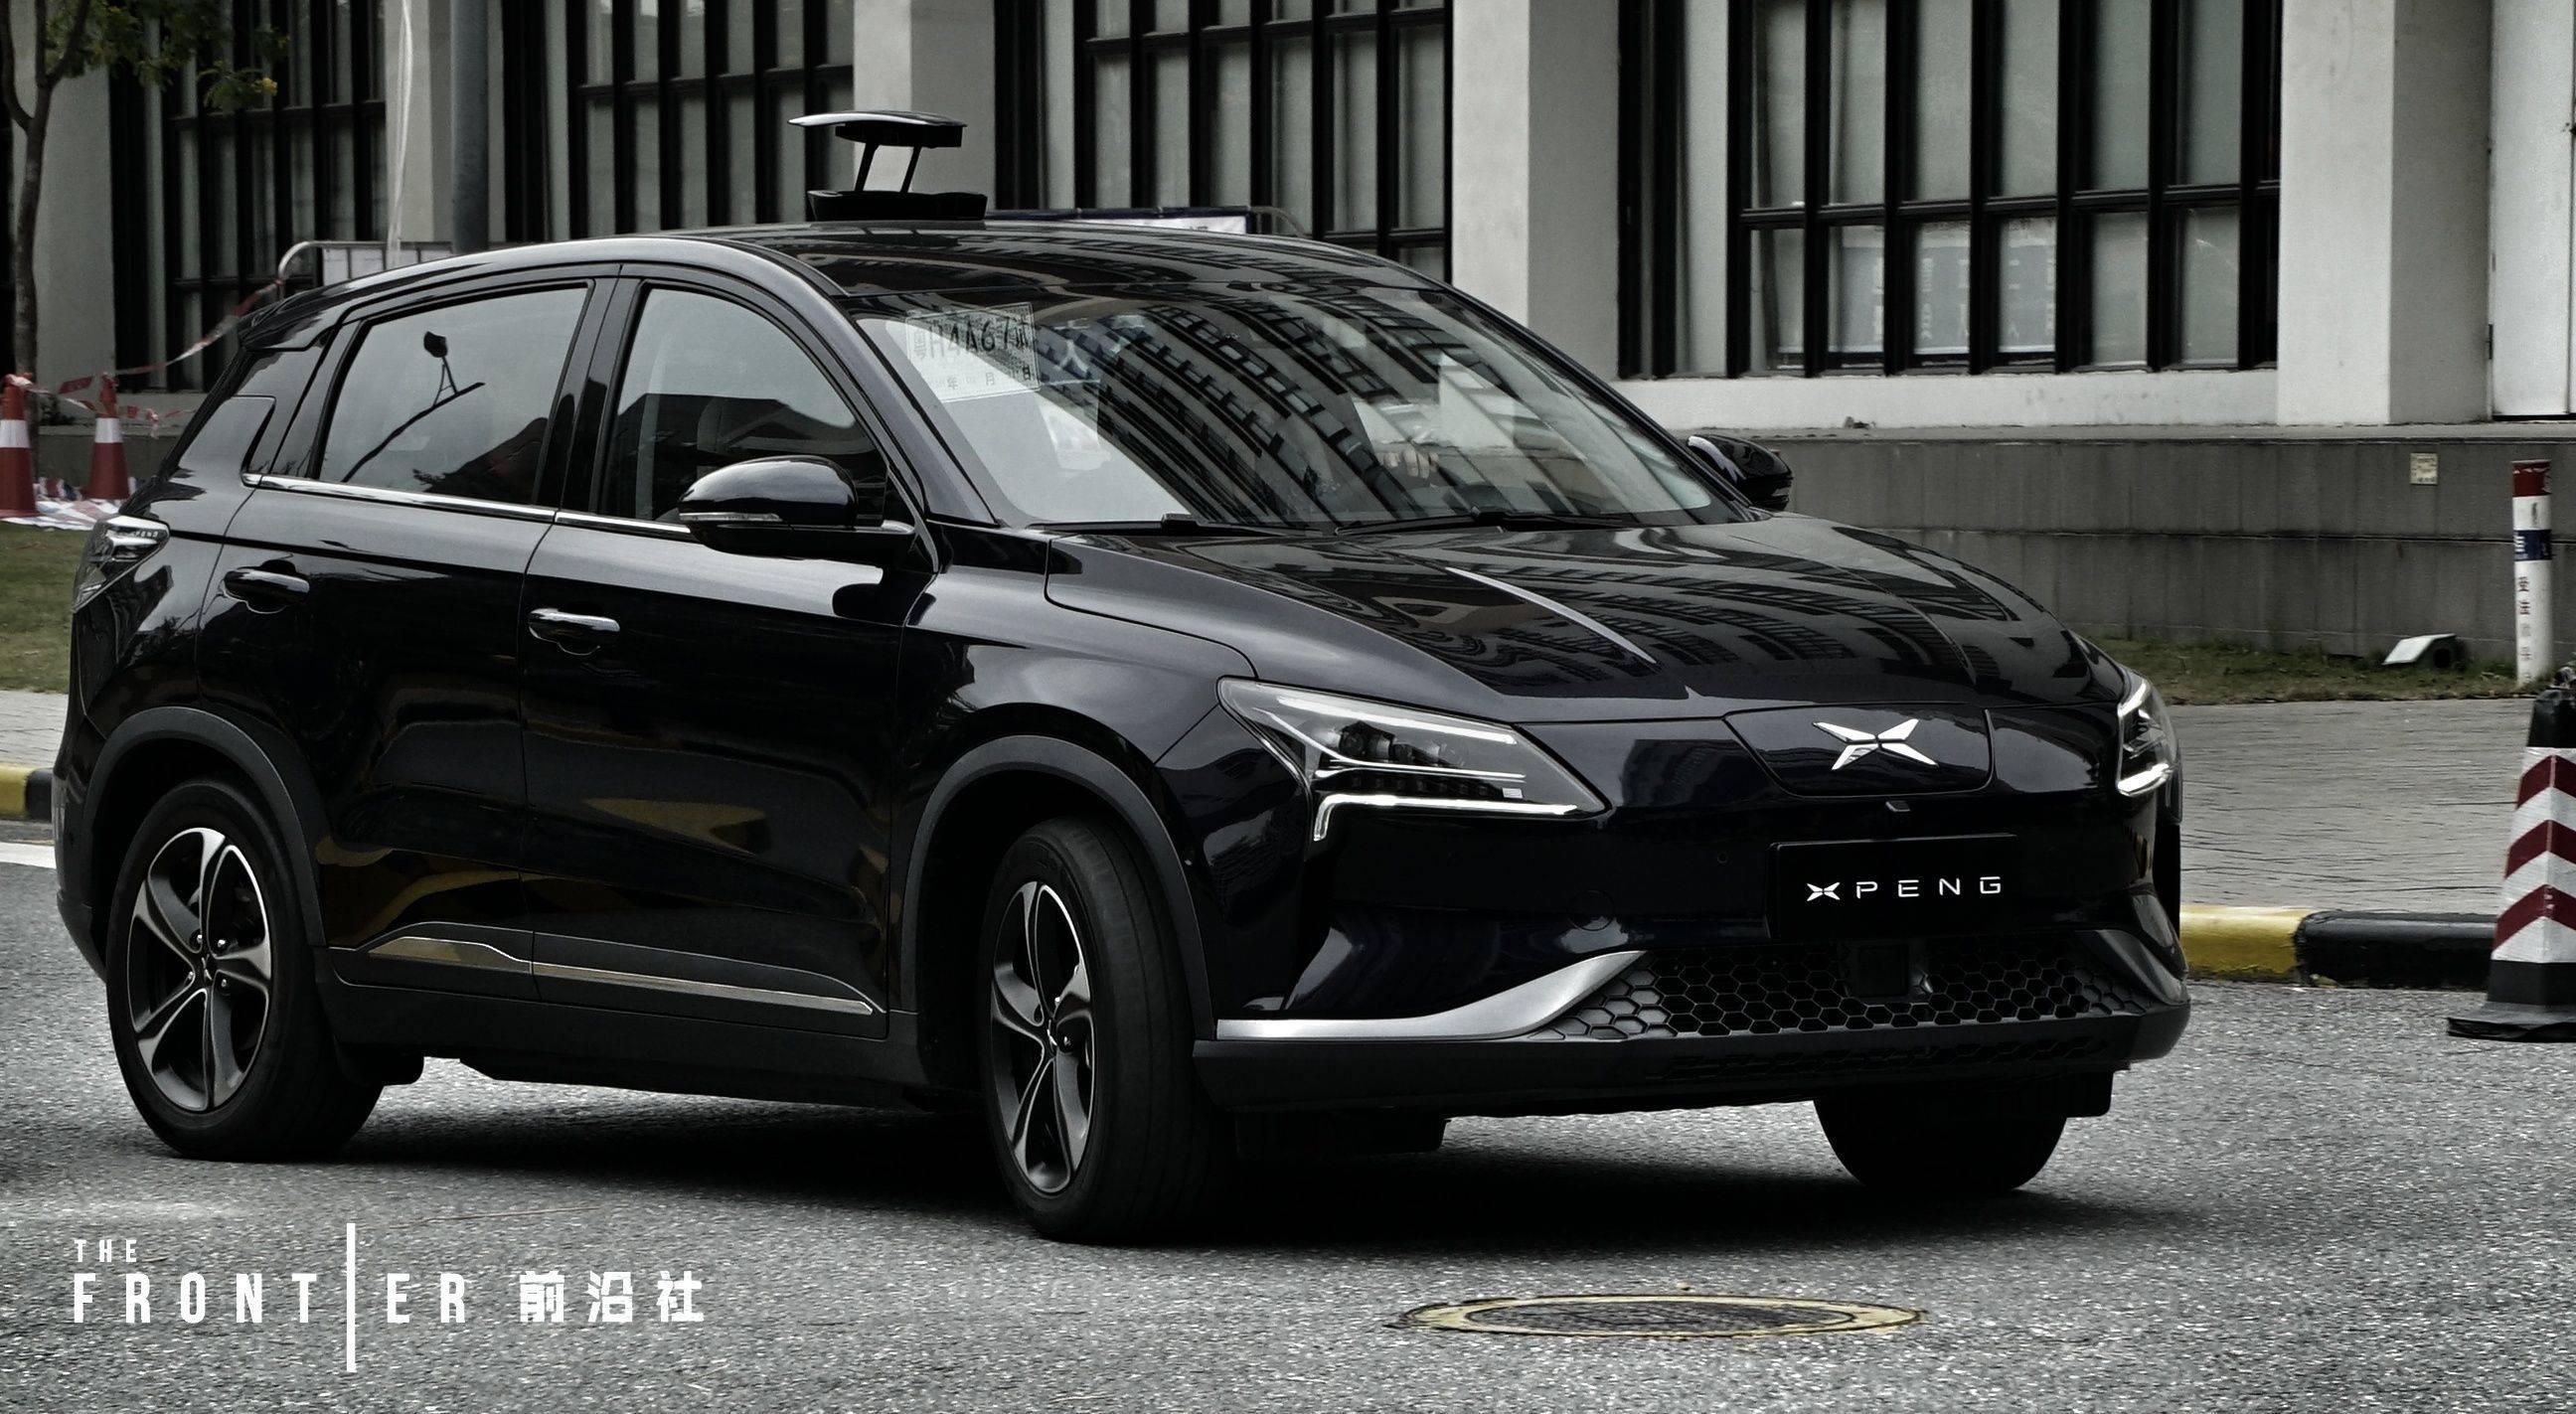 小鹏汽车品牌和营销蓄势待发 上市车型明年春天揭晓配置和价格